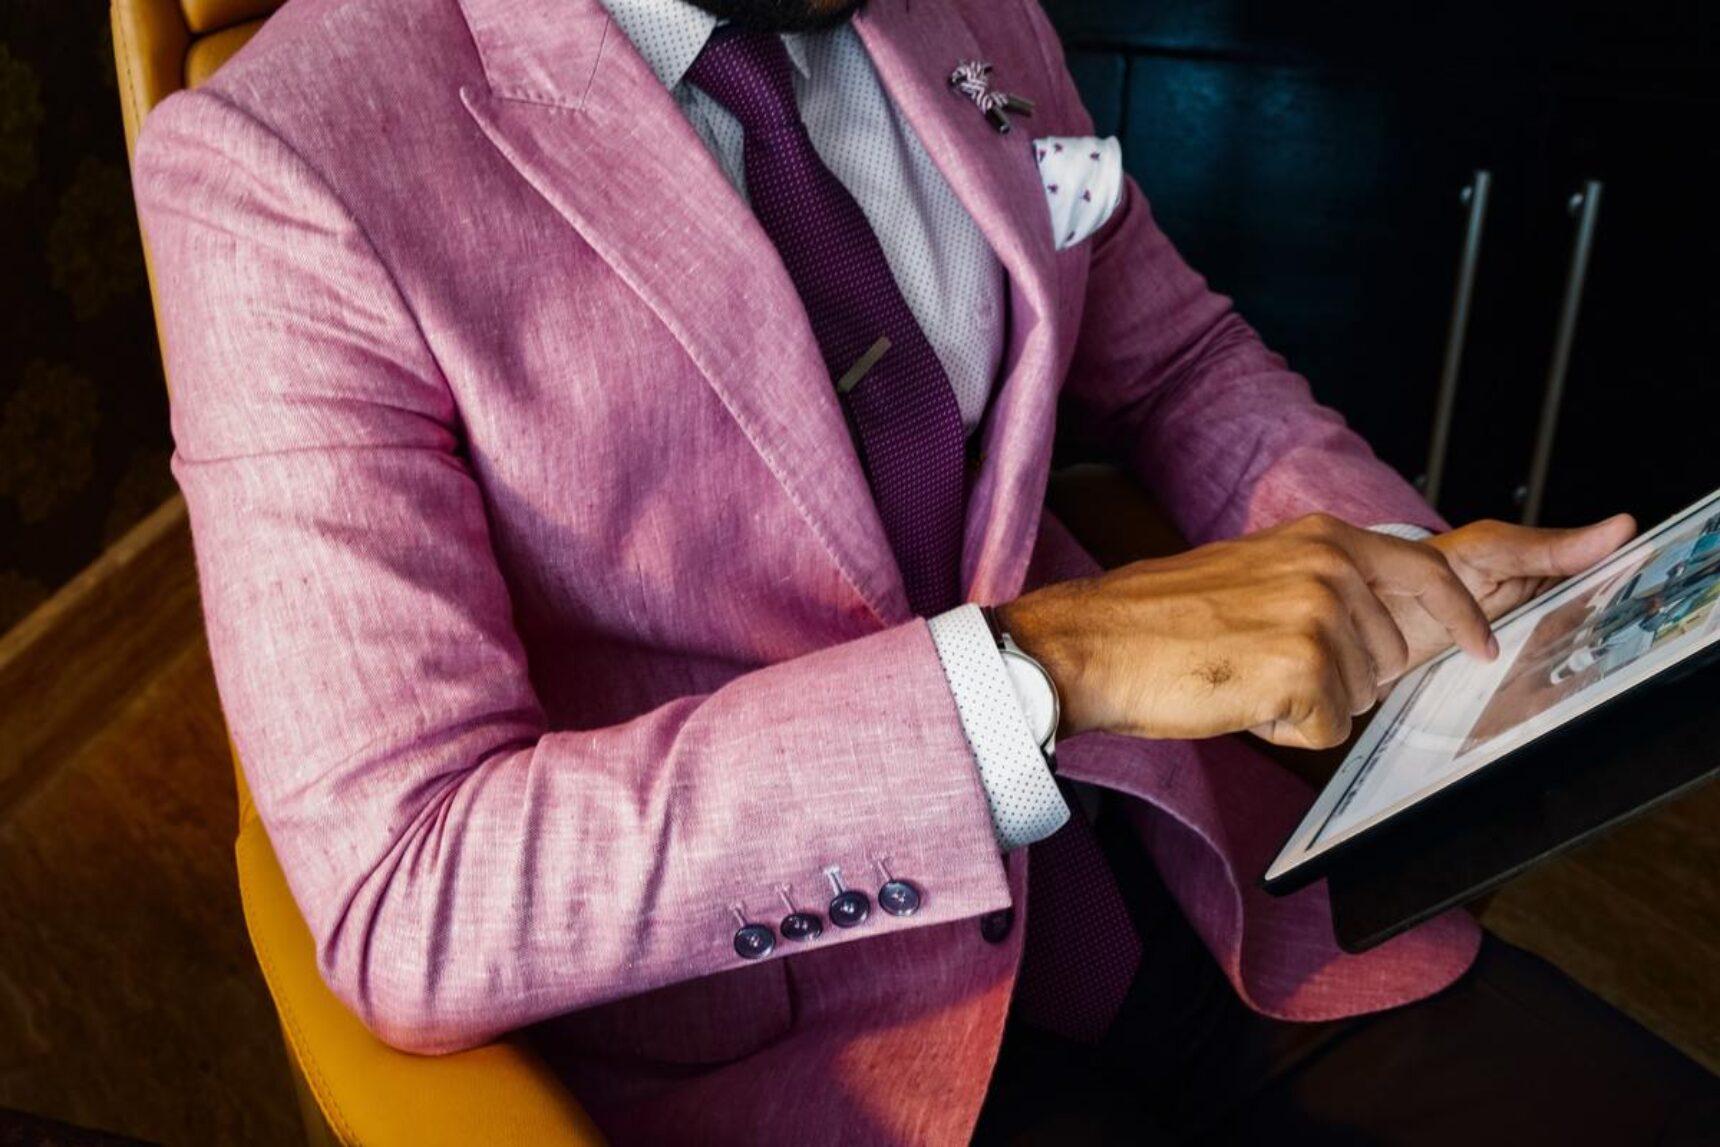 Jak mężczyzna powinien się ubrać na wesele, aby czuć się wygodnie i być na czasie?